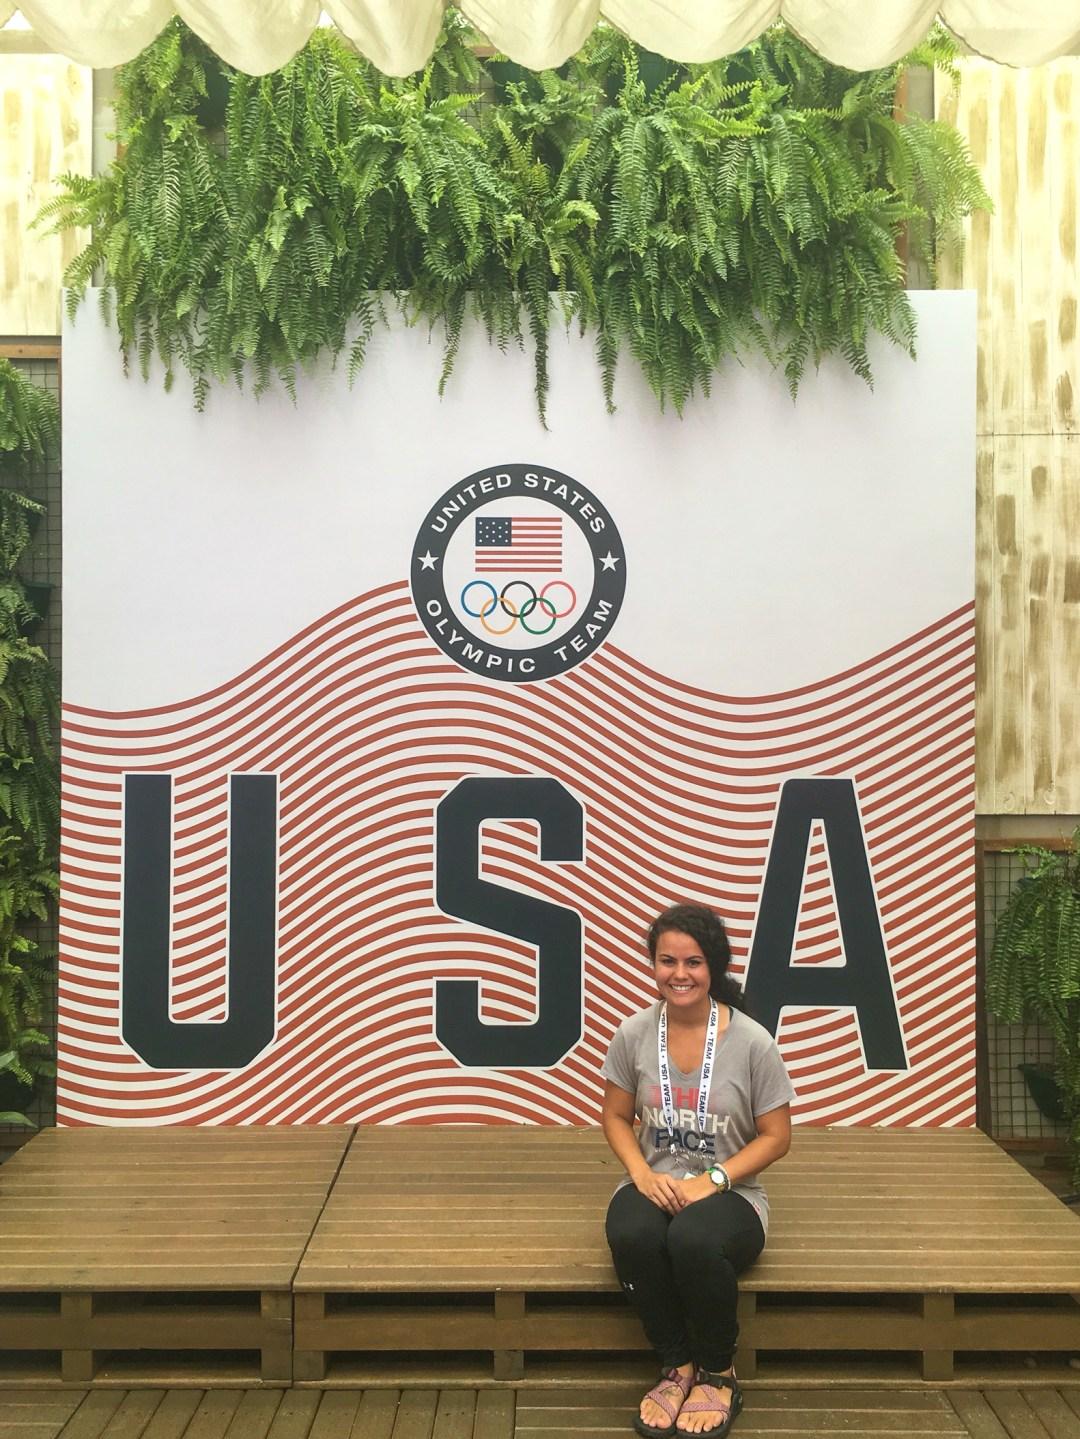 USA House - Rio 2016